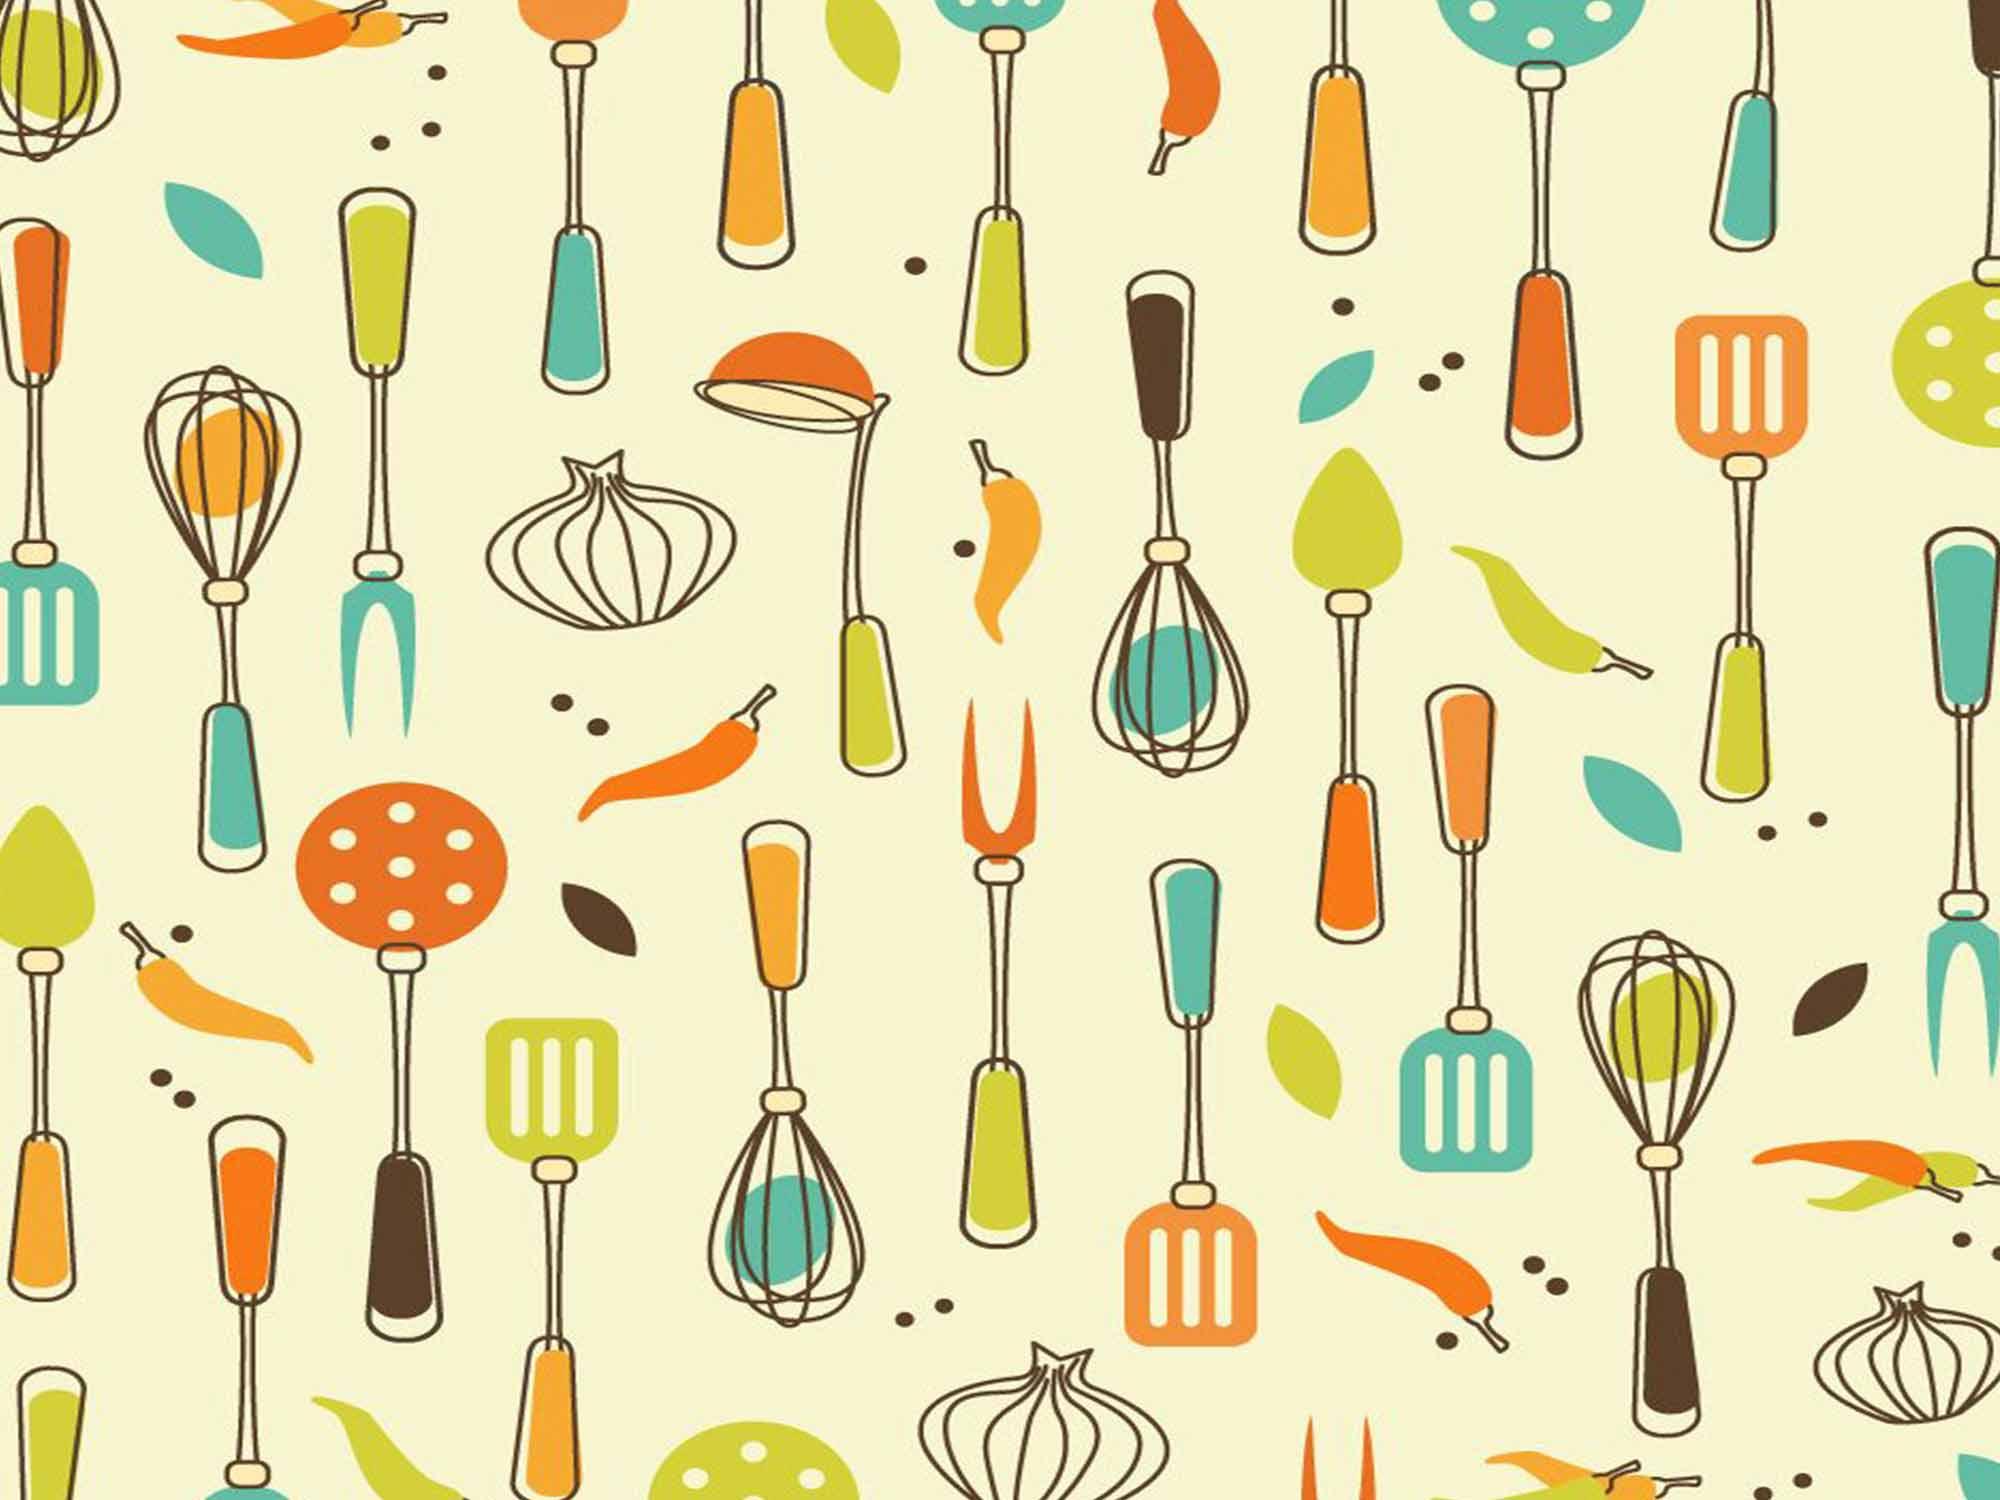 Papel de Parede Cozinha 0002 - Adesivos de Parede  - Paredes Decoradas